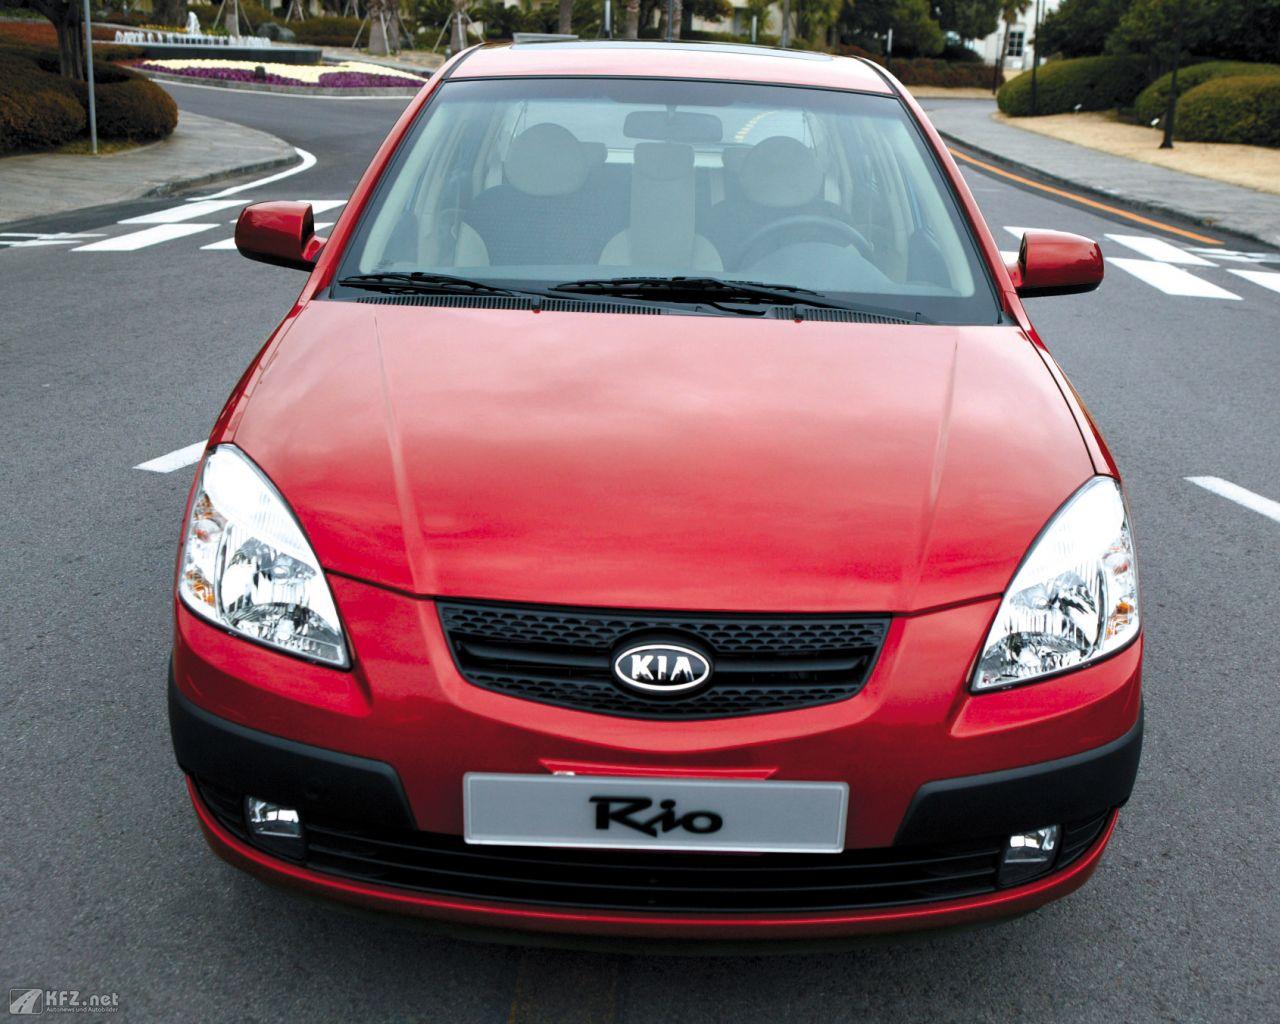 kia-rio-1280x1024-12